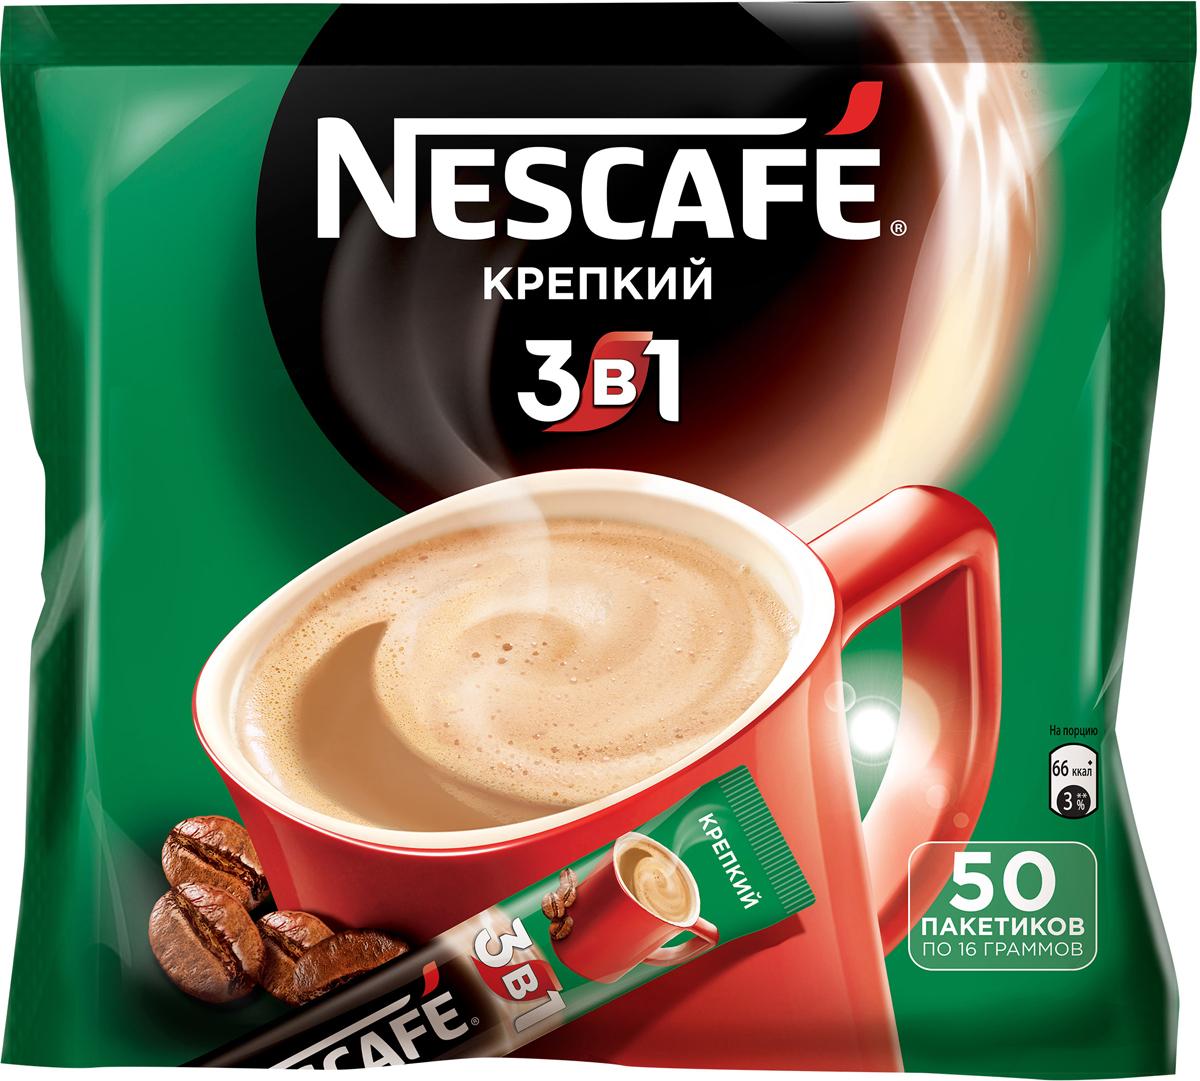 Nescafe 3 в 1 Крепкий кофе растворимый, 50 шт nescafe gold 100